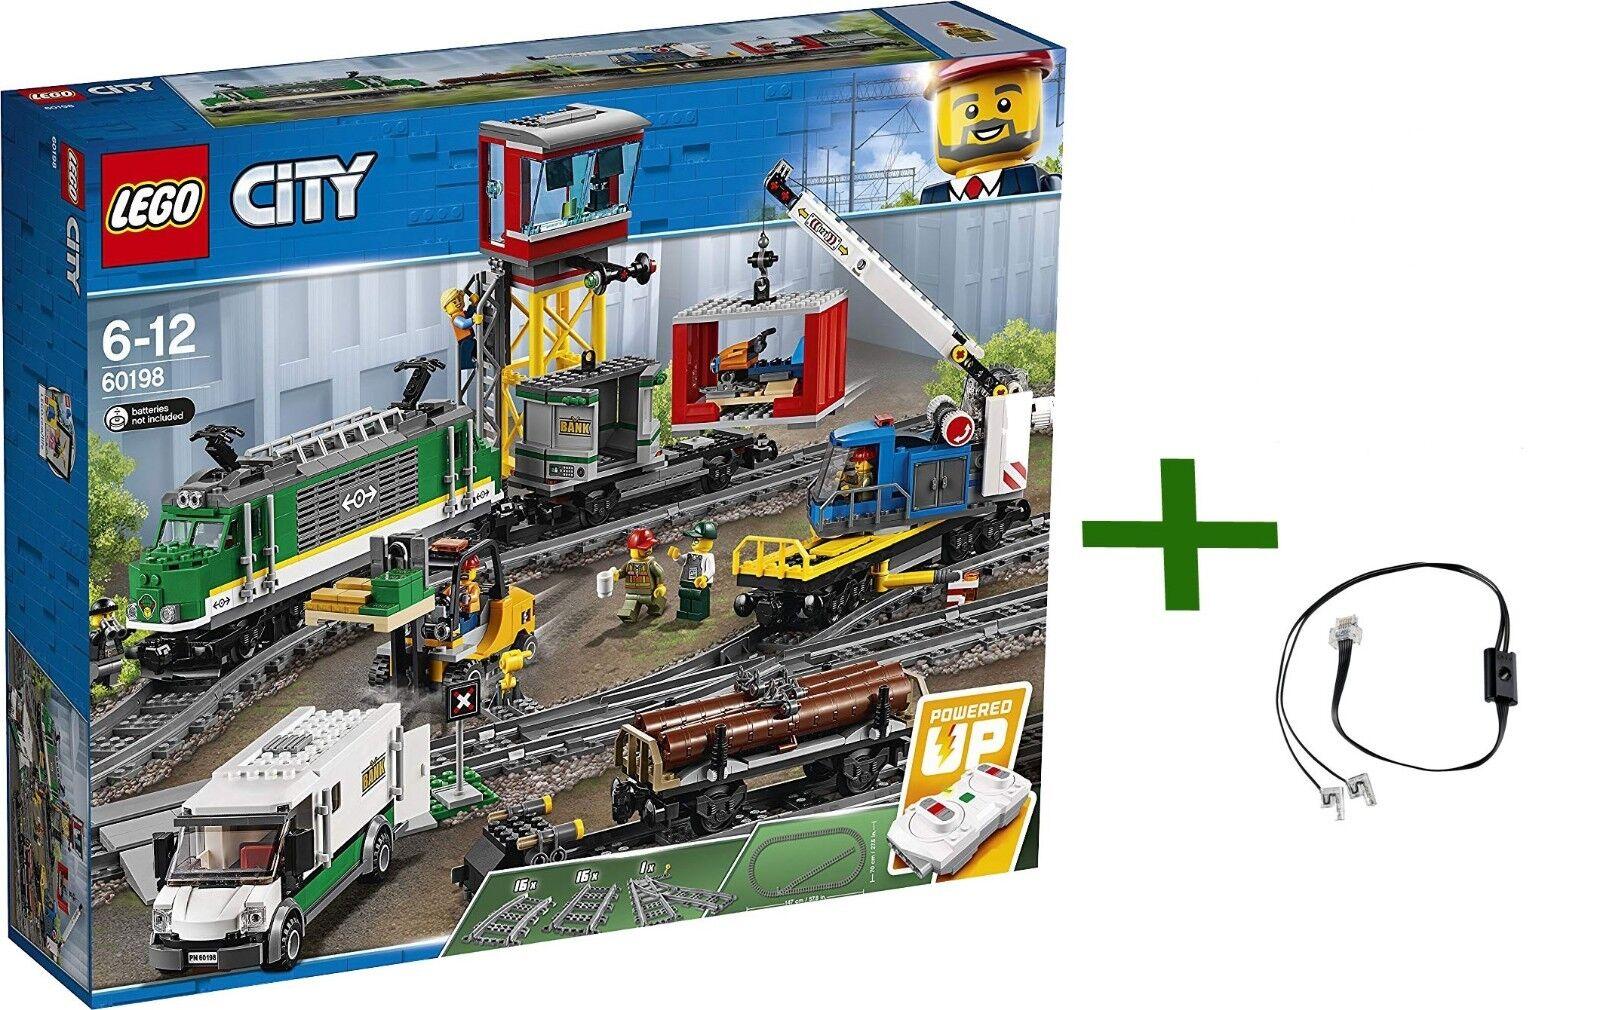 Lego City 60198  Freight Train Libre lumière Led 88005 RC voitureGO TRAIN de marchandises  loisir